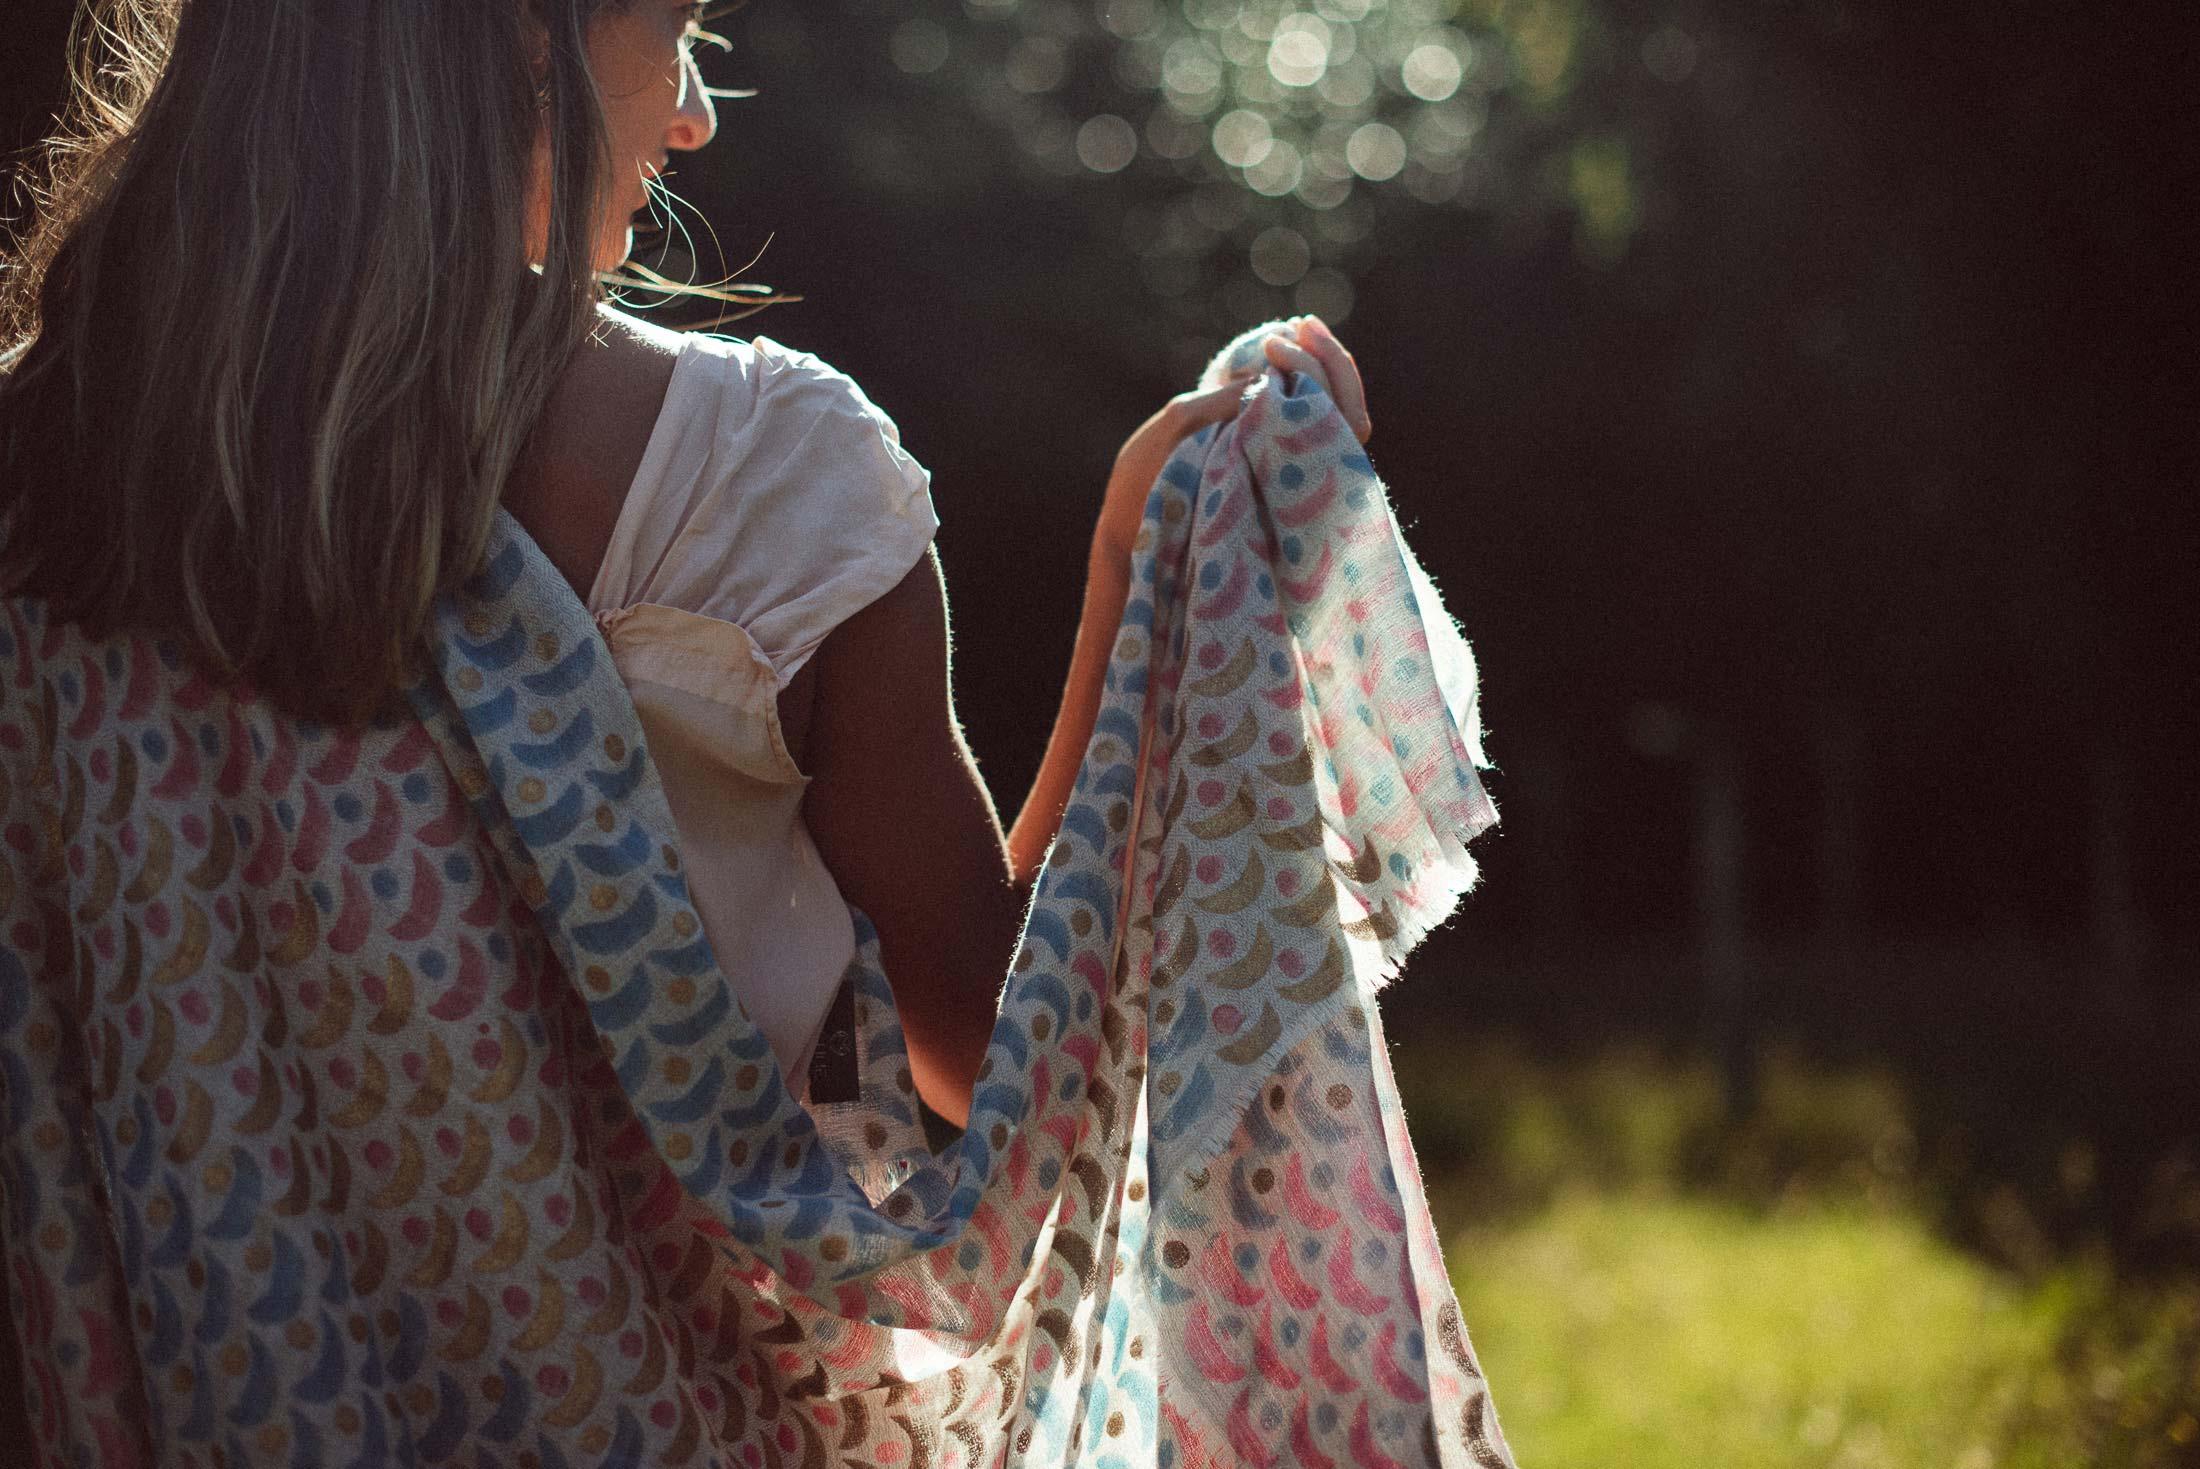 Model walks through meadow in Beshlie Mckelvie scarf